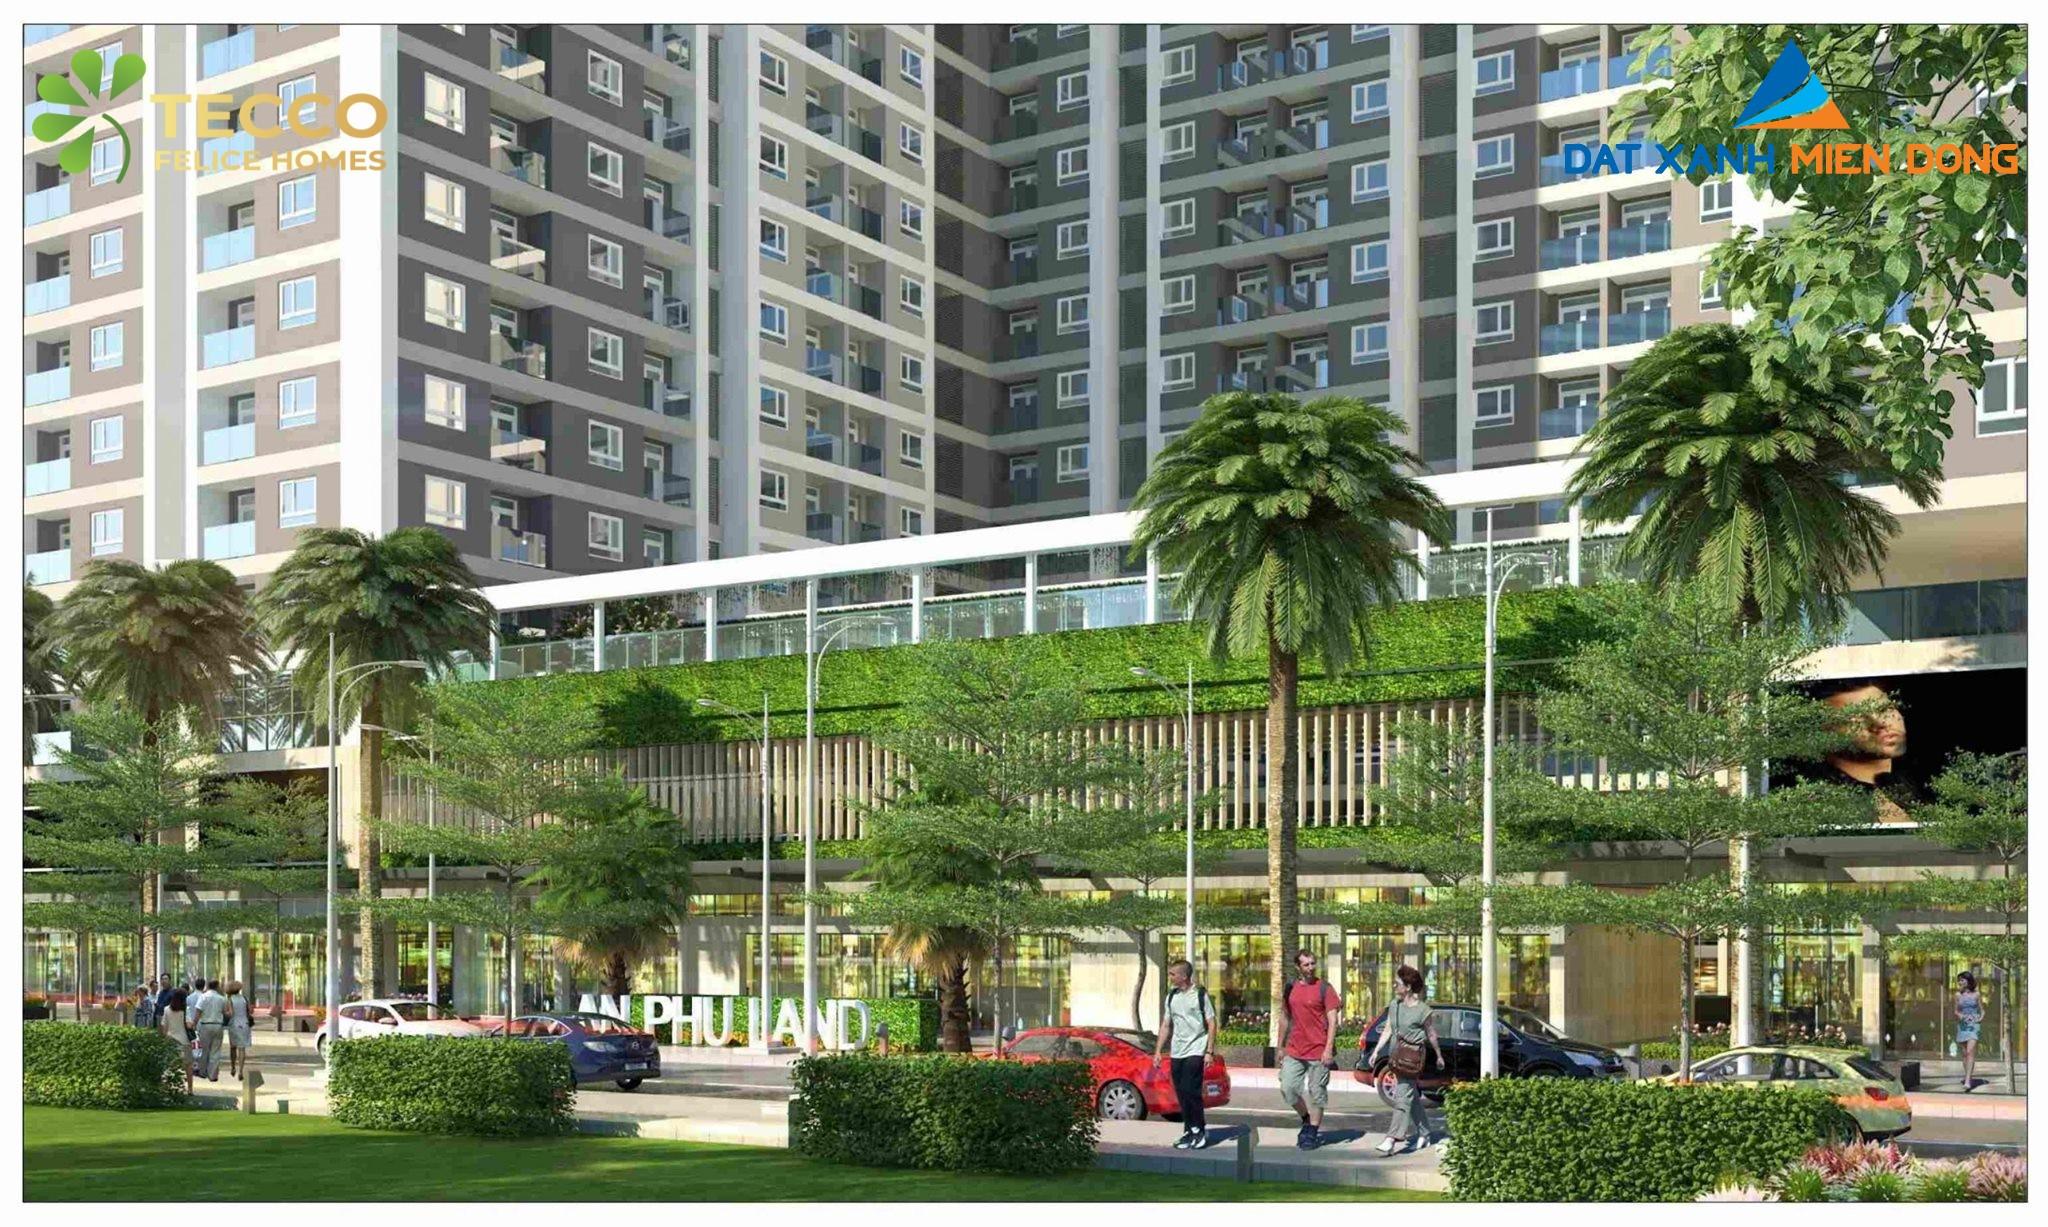 Căn Hộ Tecco Felice Homes Thuận An